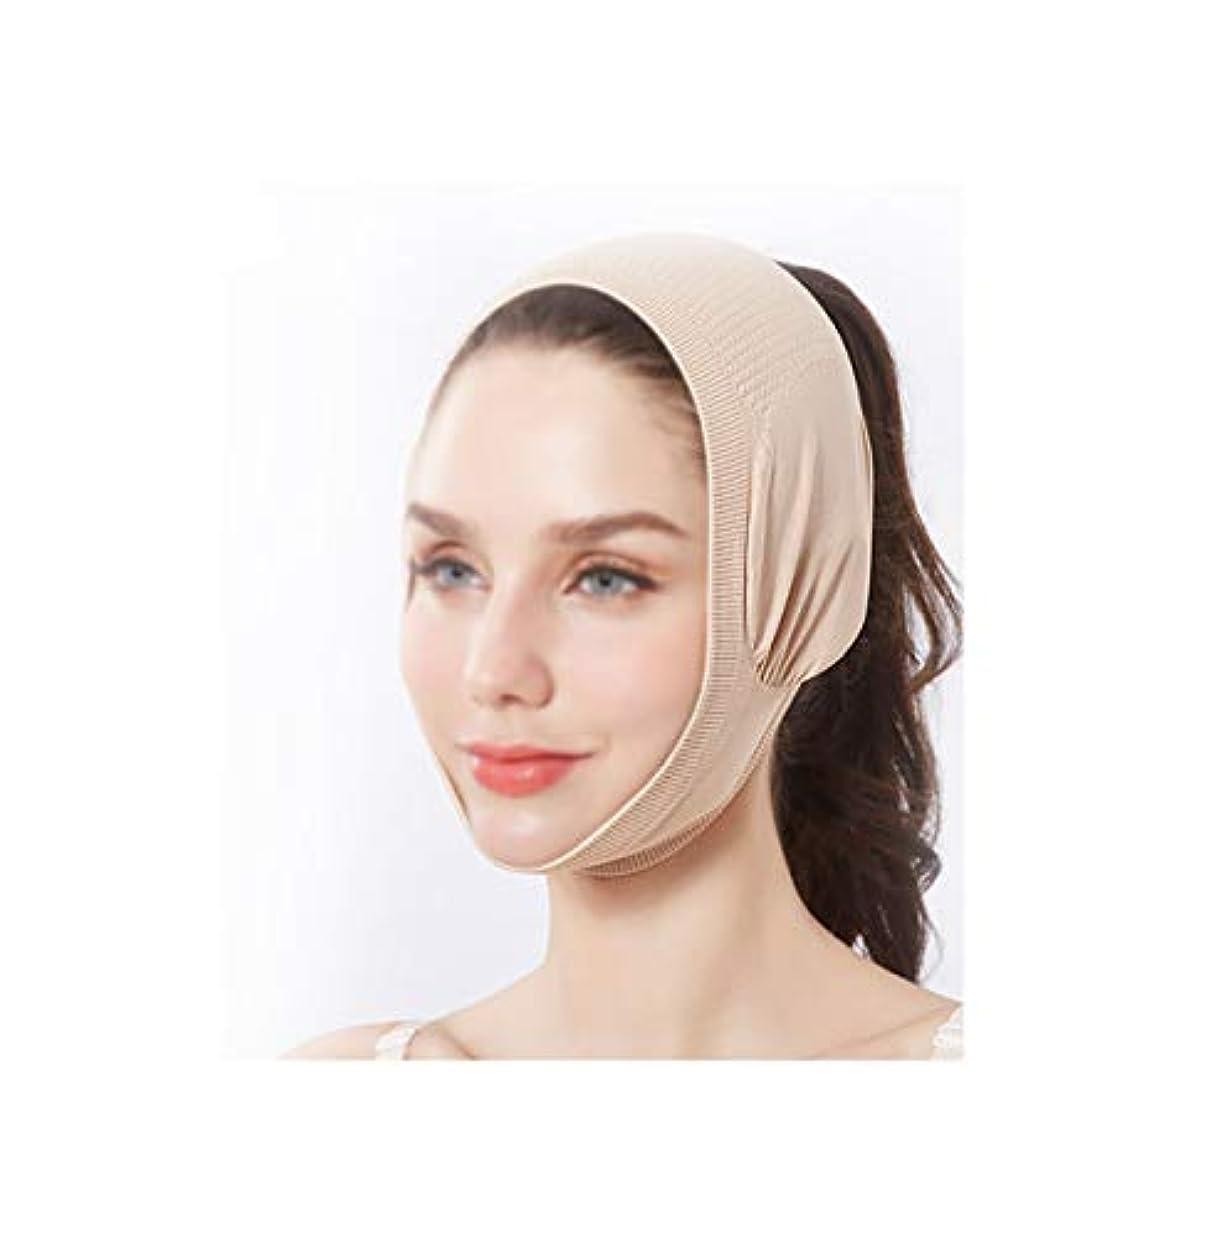 家庭小康選択するTLMY フェイスリフトマスクマスクエクステンション強度フェースレス包帯フェイシャルラージVライン彫刻フェイシャルバックカバーネックバンド 顔用整形マスク (Color : Skin tone)